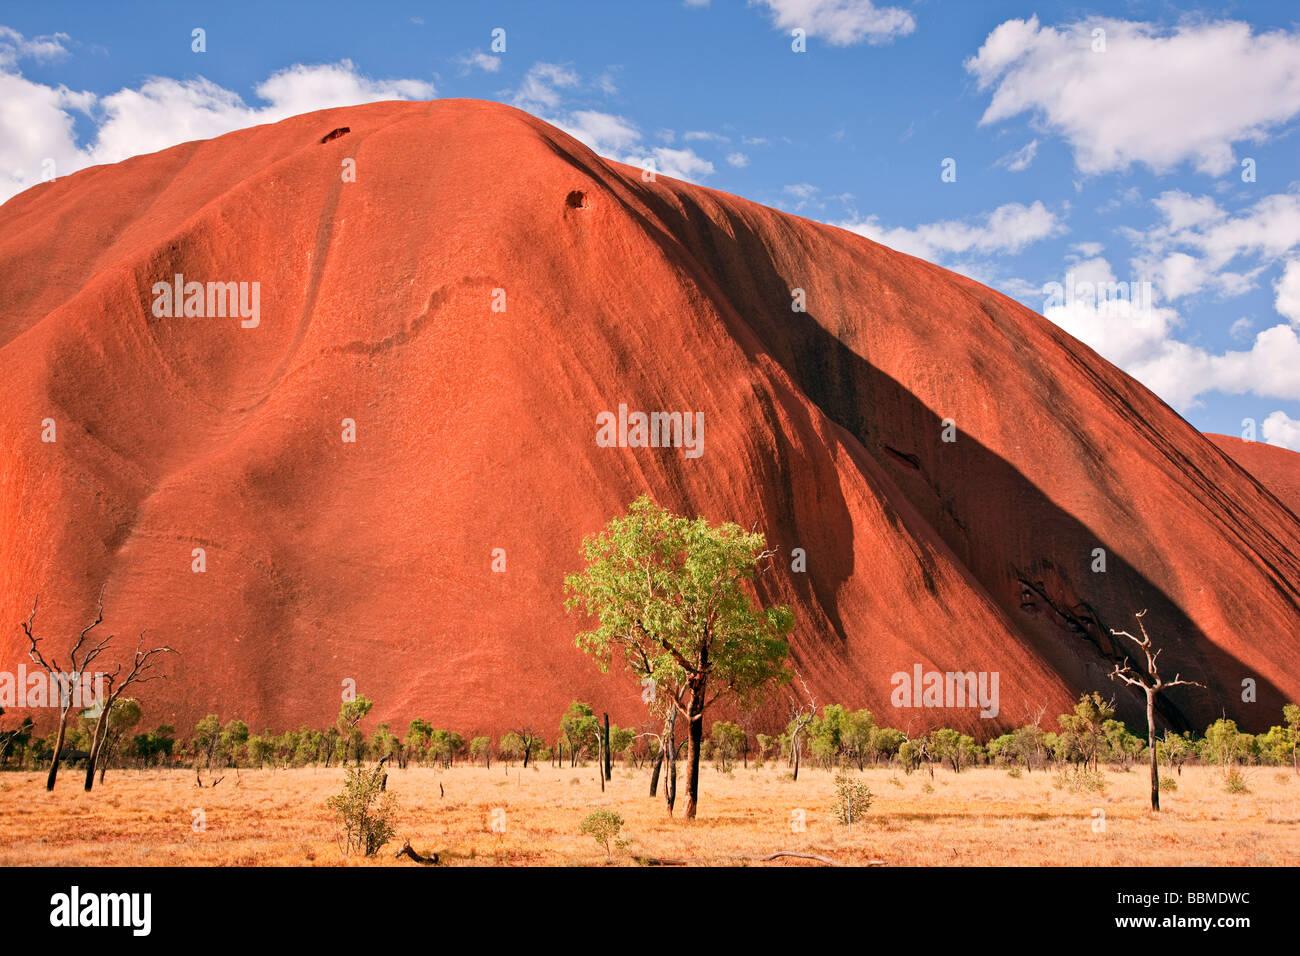 L'Australie, Territoire du Nord. L'Uluru ou Ayres Rock, un énorme rocher de grès. L'un des Photo Stock